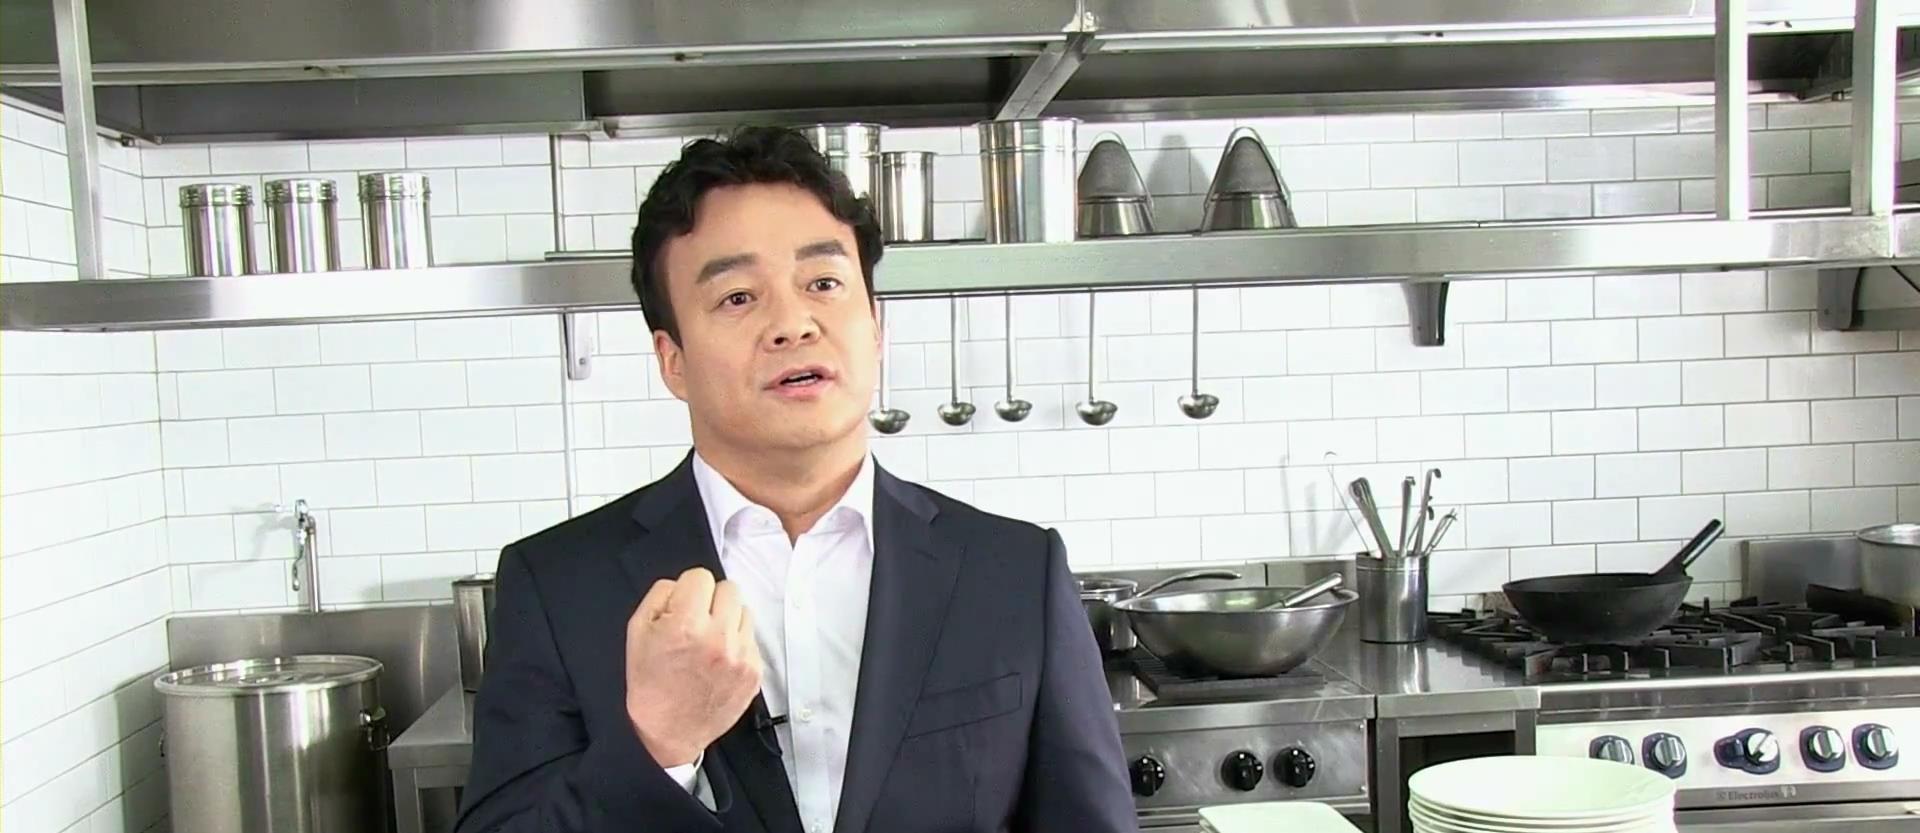 李昇基获得演艺大赏惹非议!既然白钟元不要,凭什么不给刘在石?